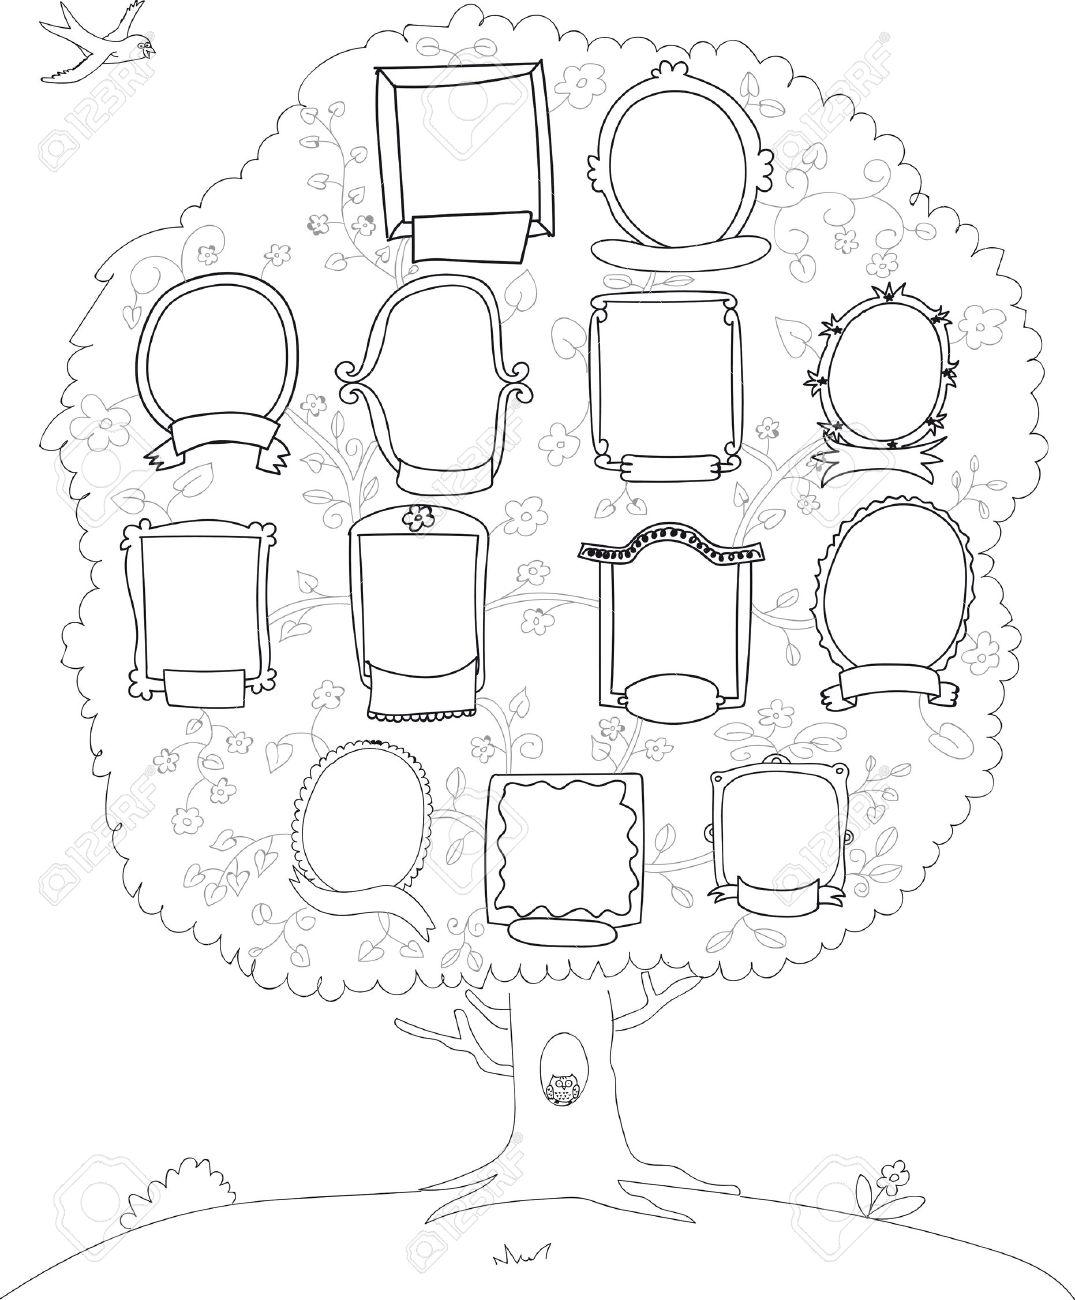 Rbol Genealógico árbol Genealógico Vector De Fondo Blanco Y Negro